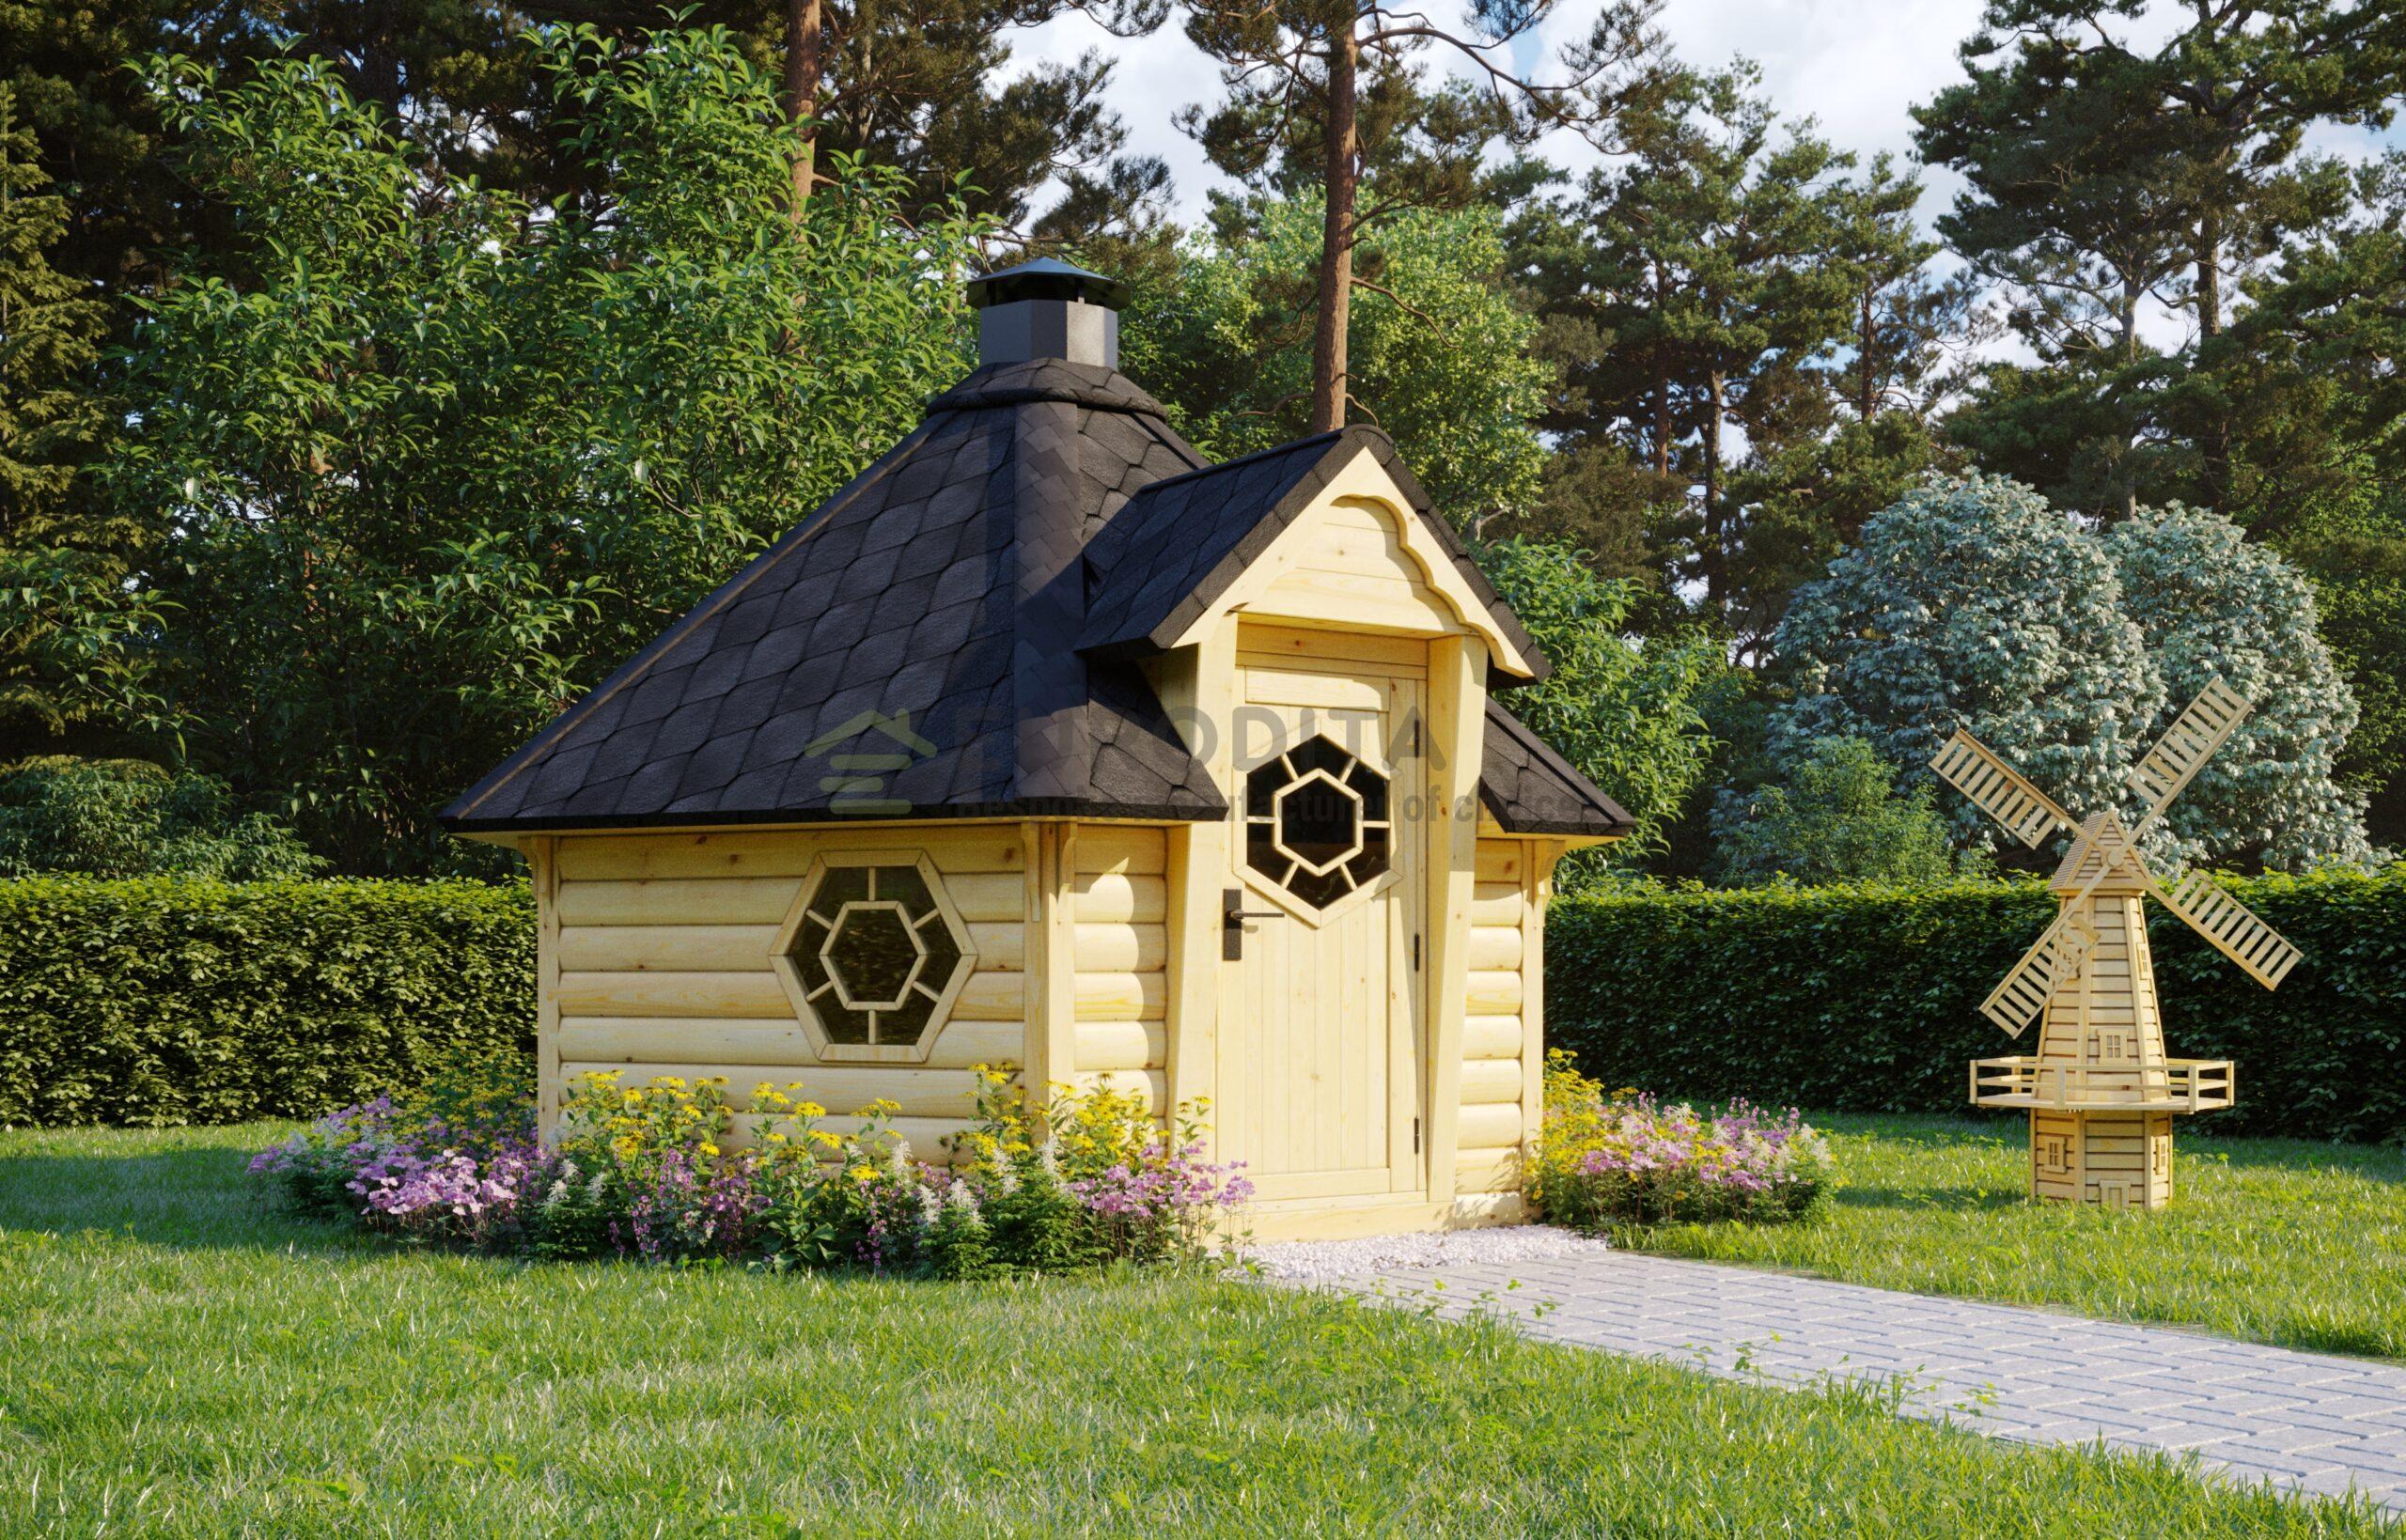 BBQ Hut Sauna Cabin 7m2